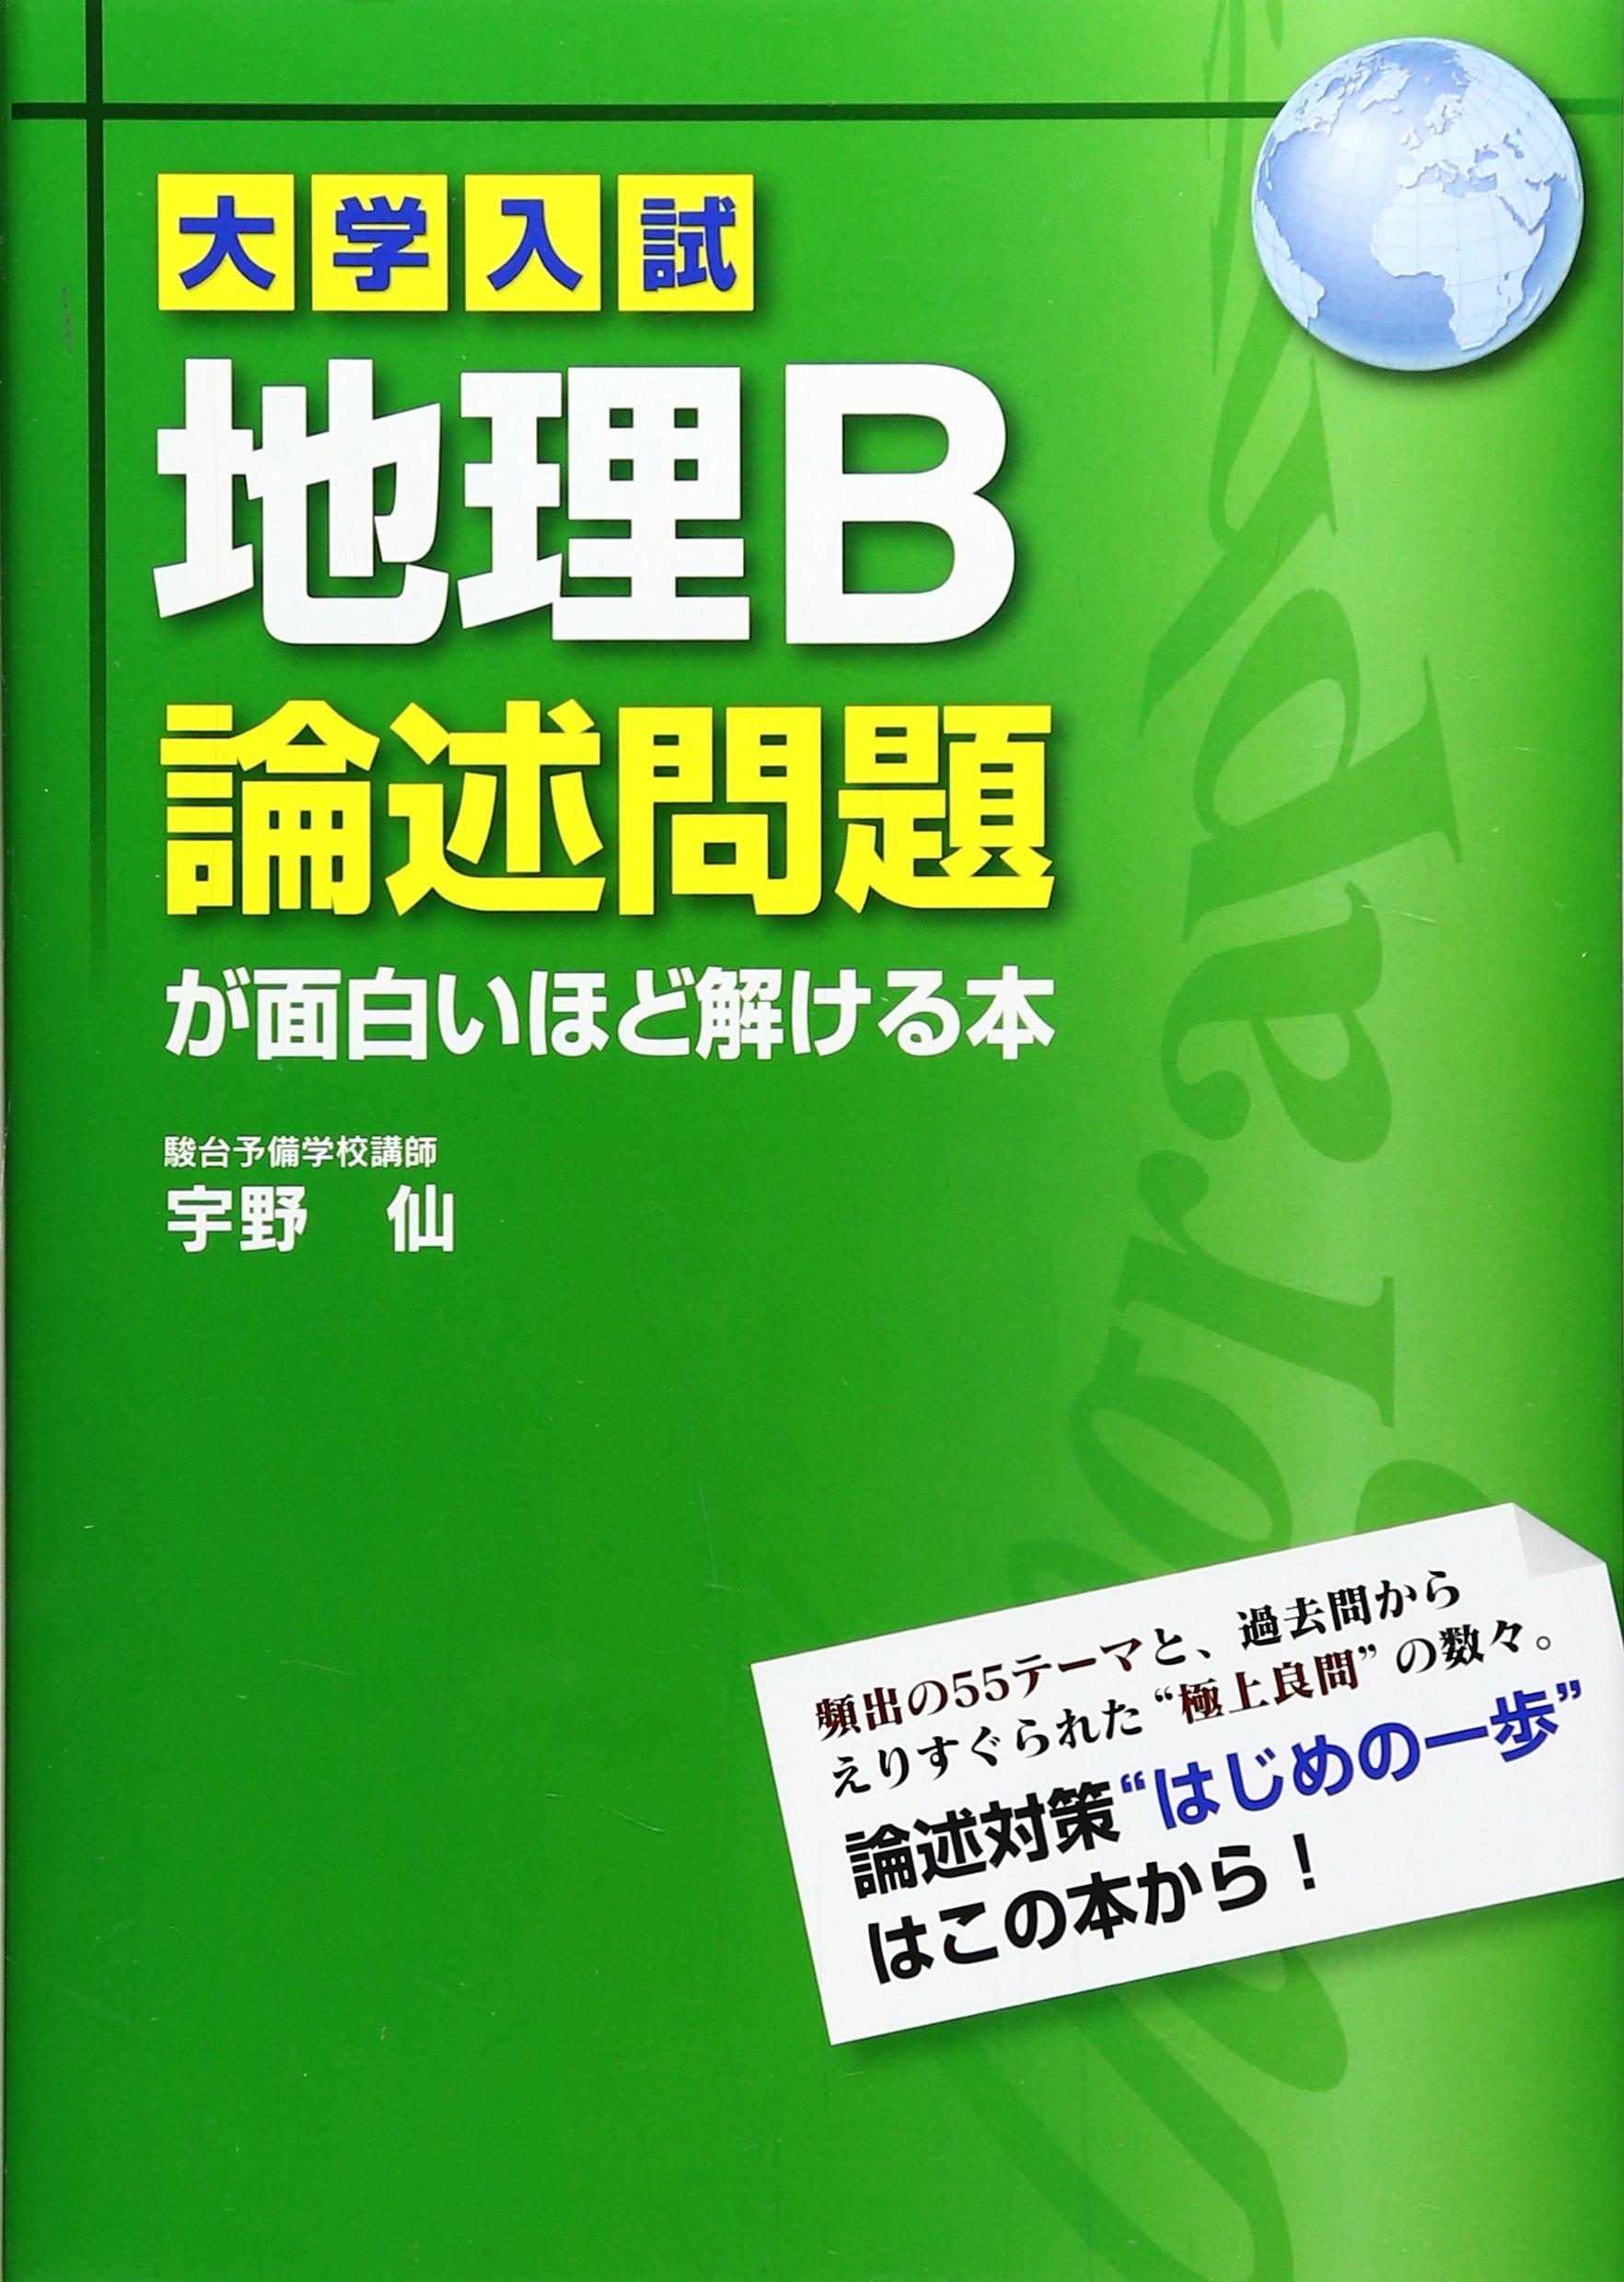 地理のおすすめ参考書・問題集『大学入試 地理B論述問題が面白いほど解ける本』